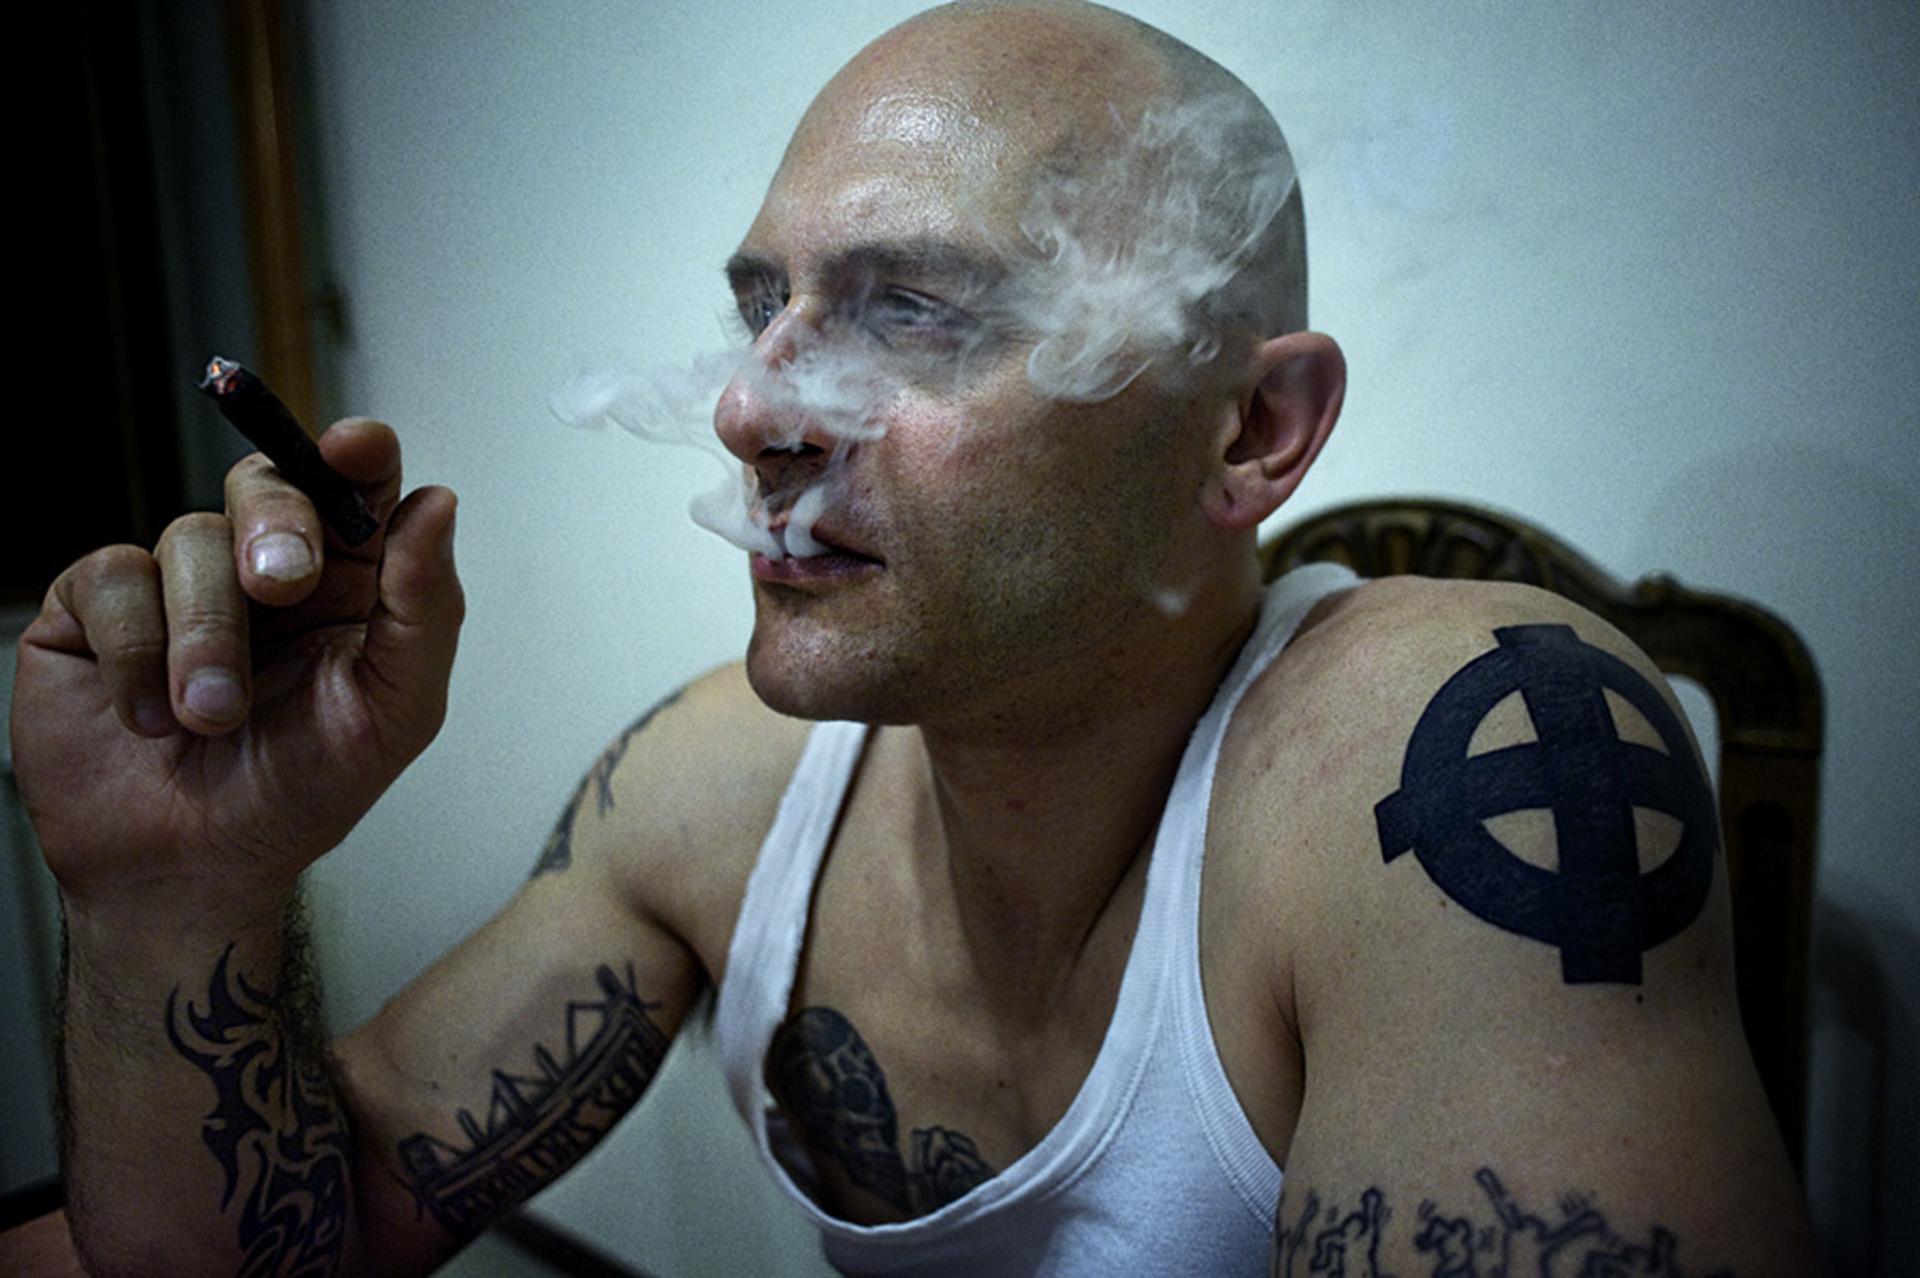 Armando, un referente de los grupos neonazis romanos, fumando un habano cubano en su casa cerca de Roma